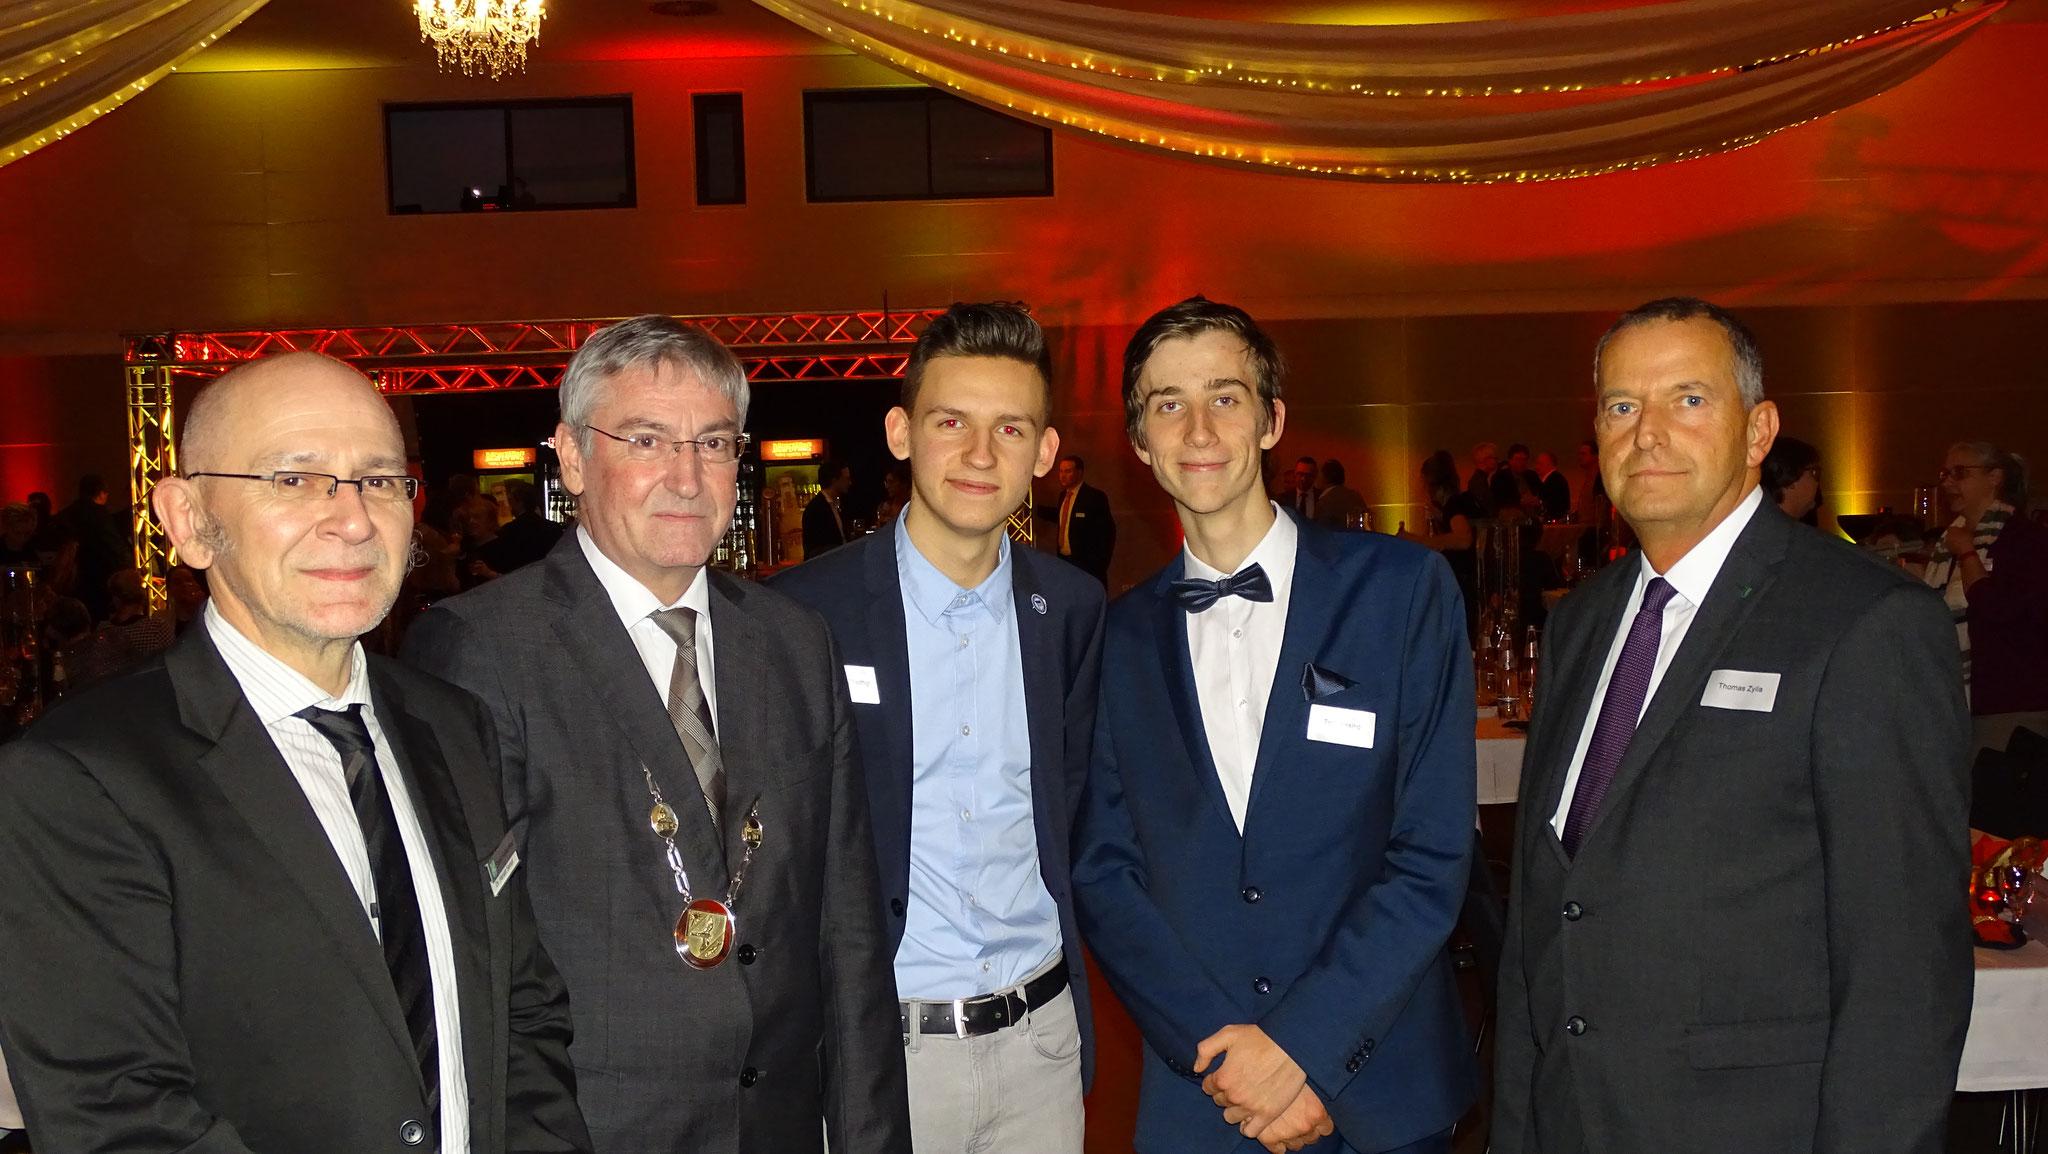 Die Falkenseer Stadtverwaltung rund um Bürgermeister Heiko Müller (2. v. l.) hatten auch einen schönen Abend - unter anderem mit uns :P!